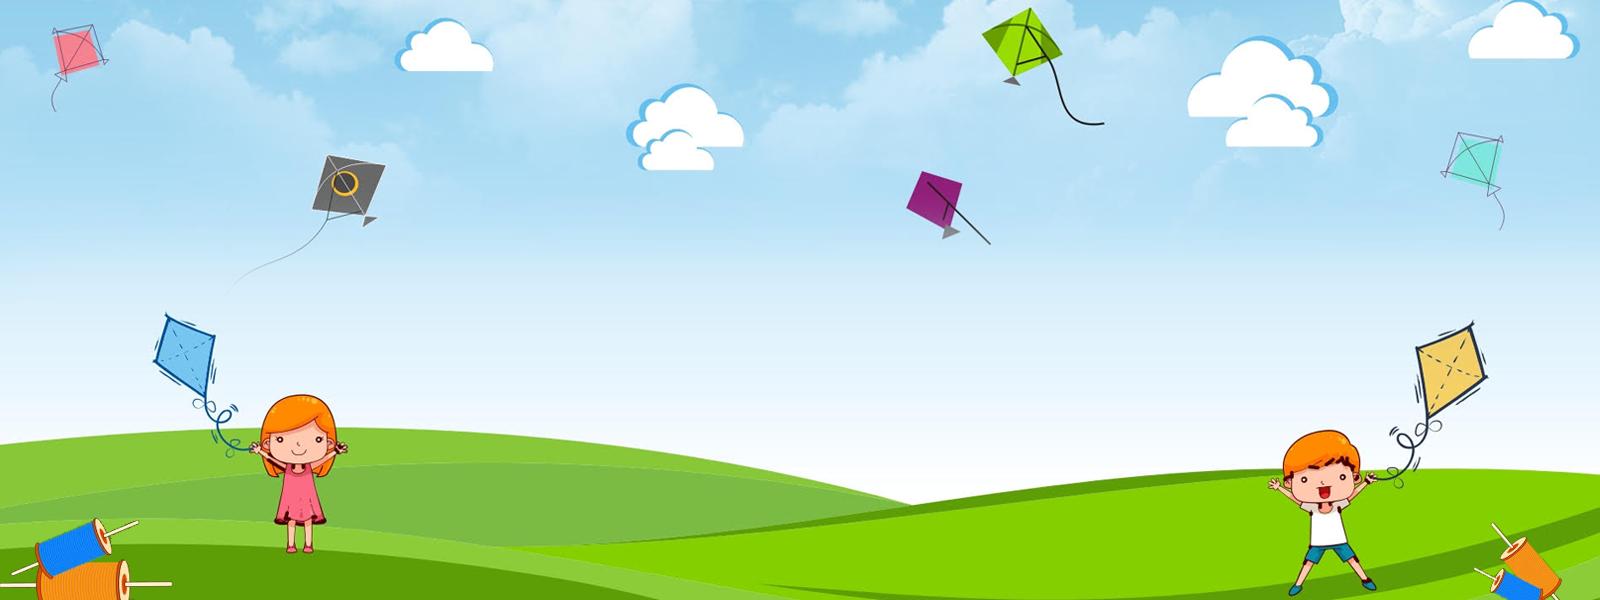 Online Kites